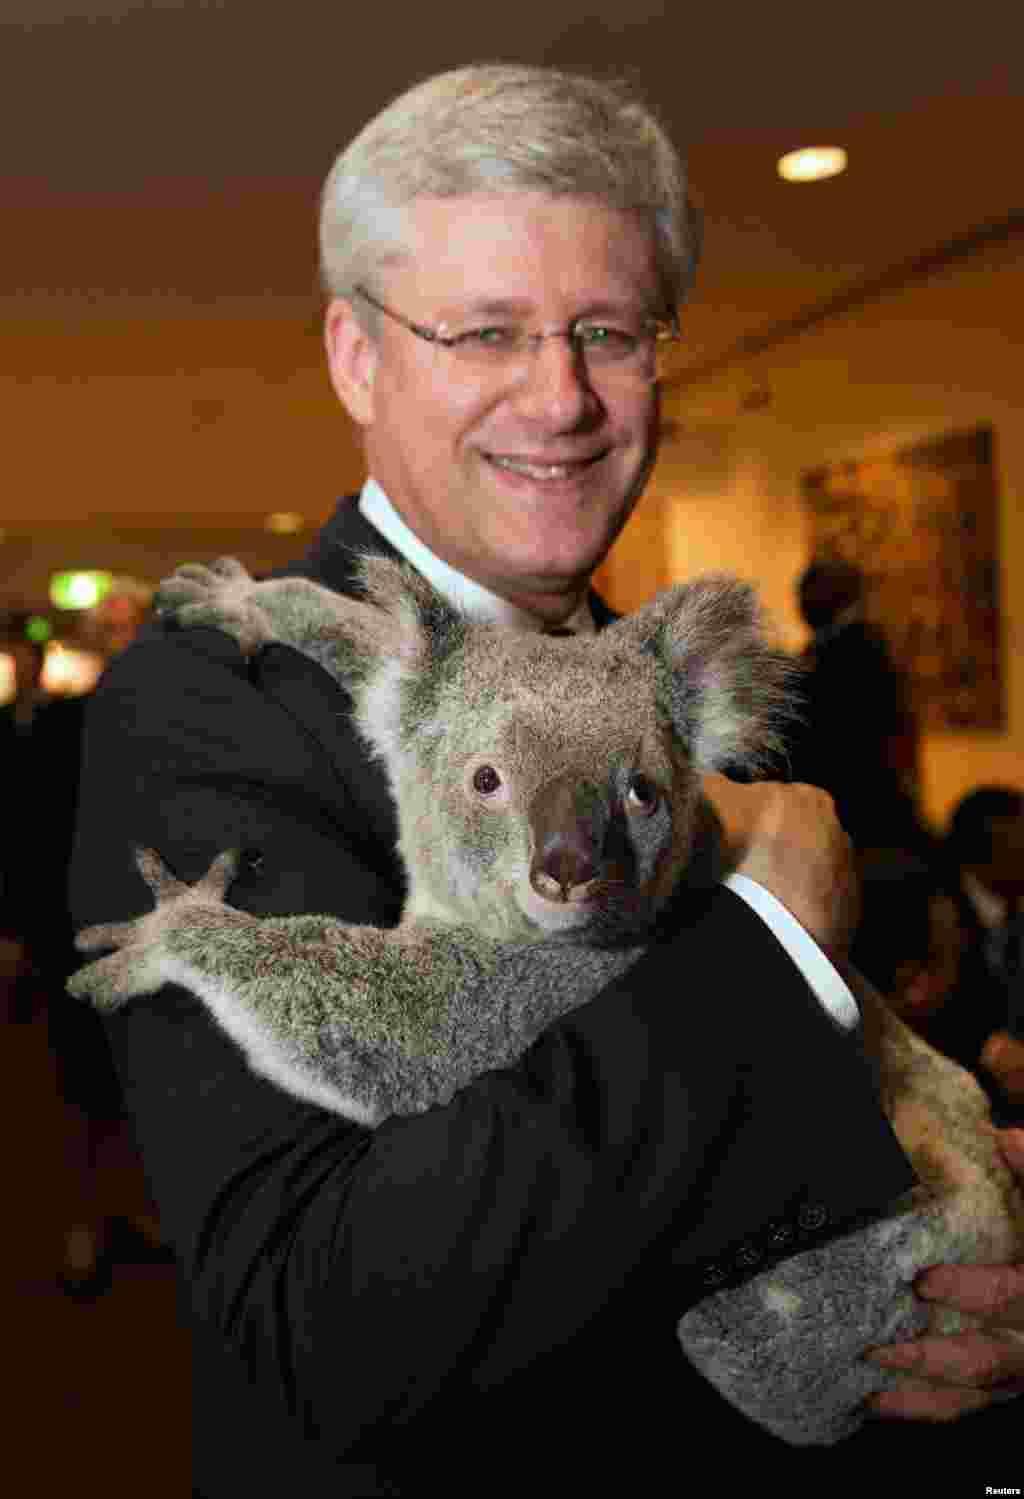 Прем'єр-міністр Канади Стівен Гарпер